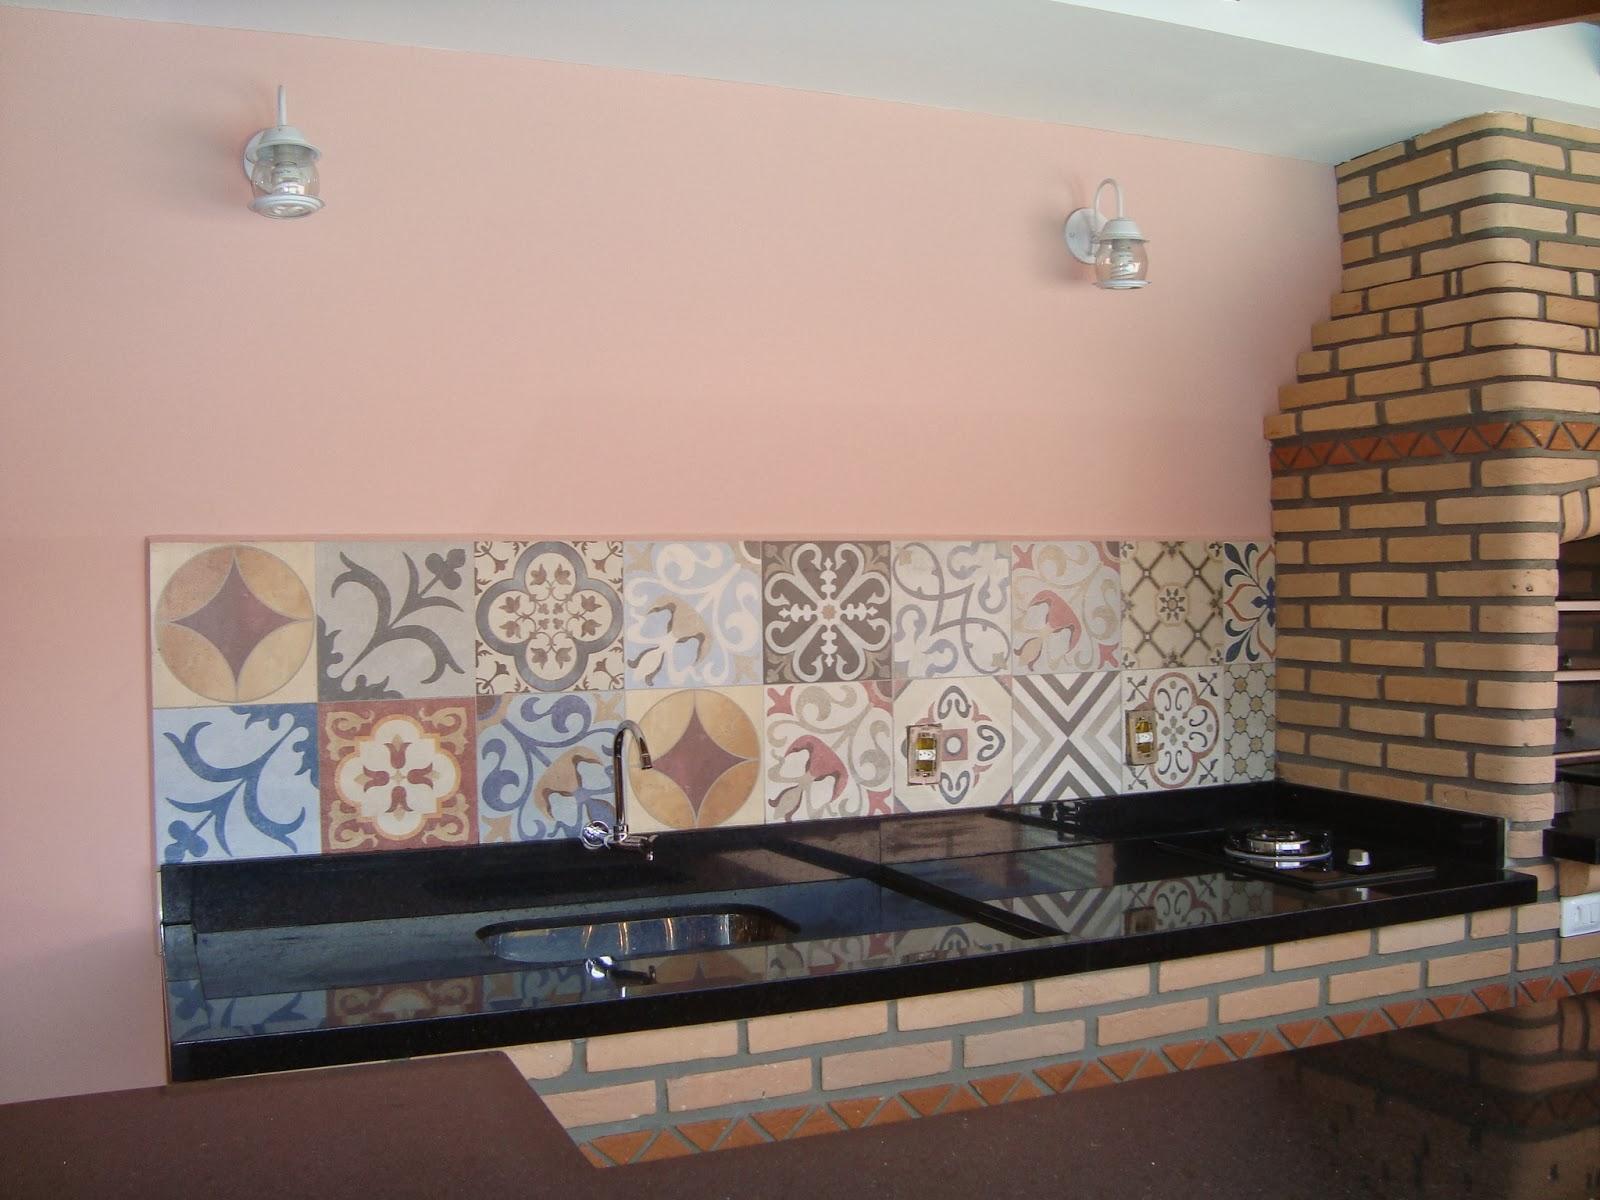 Usamos uma faixa do mesmo ladrilho colocado no chuveirão e duas  #865745 1600x1200 Azulejo Banheiro Dimensões